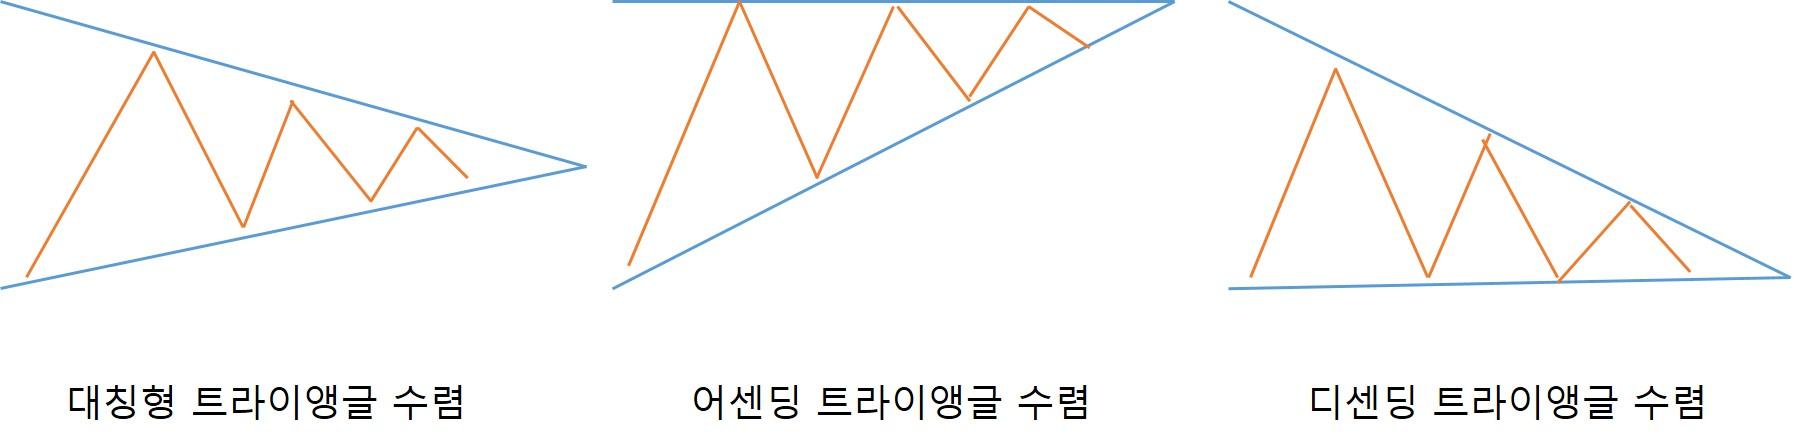 트라이앵글(삼각형) 수렴 패턴의 종류